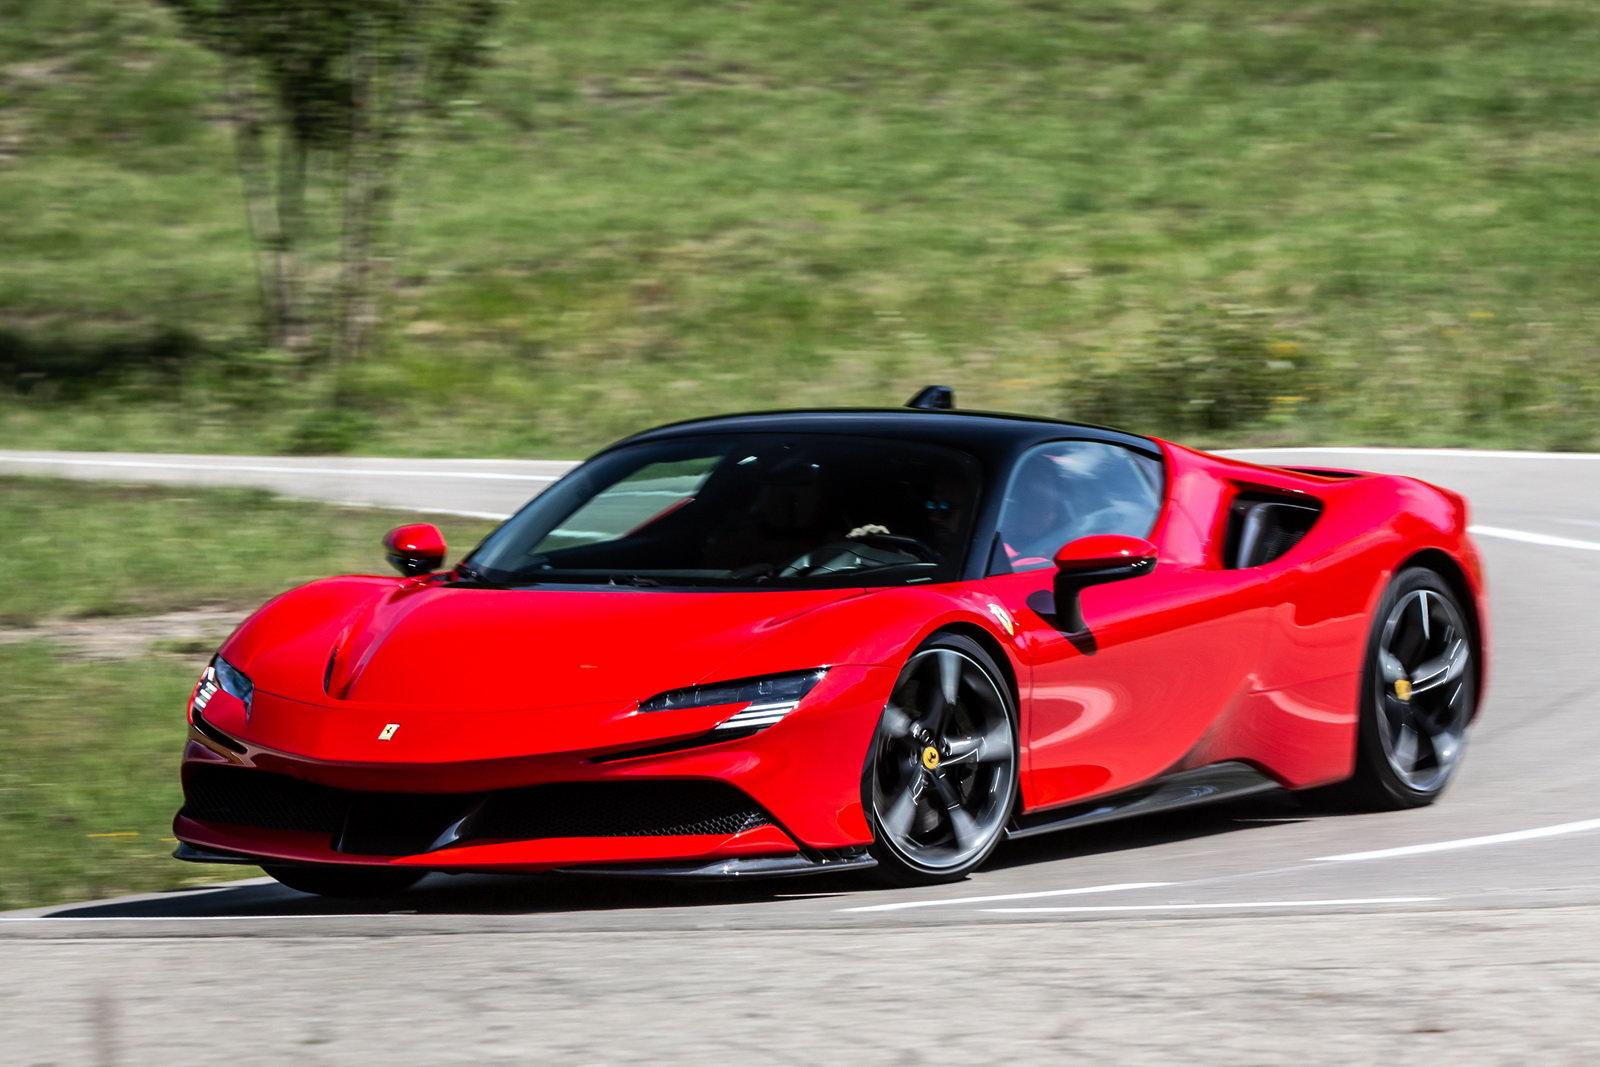 Ferrari Sf90 Stradale Prova Scheda Tecnica Opinioni E Dimensioni Hybrid